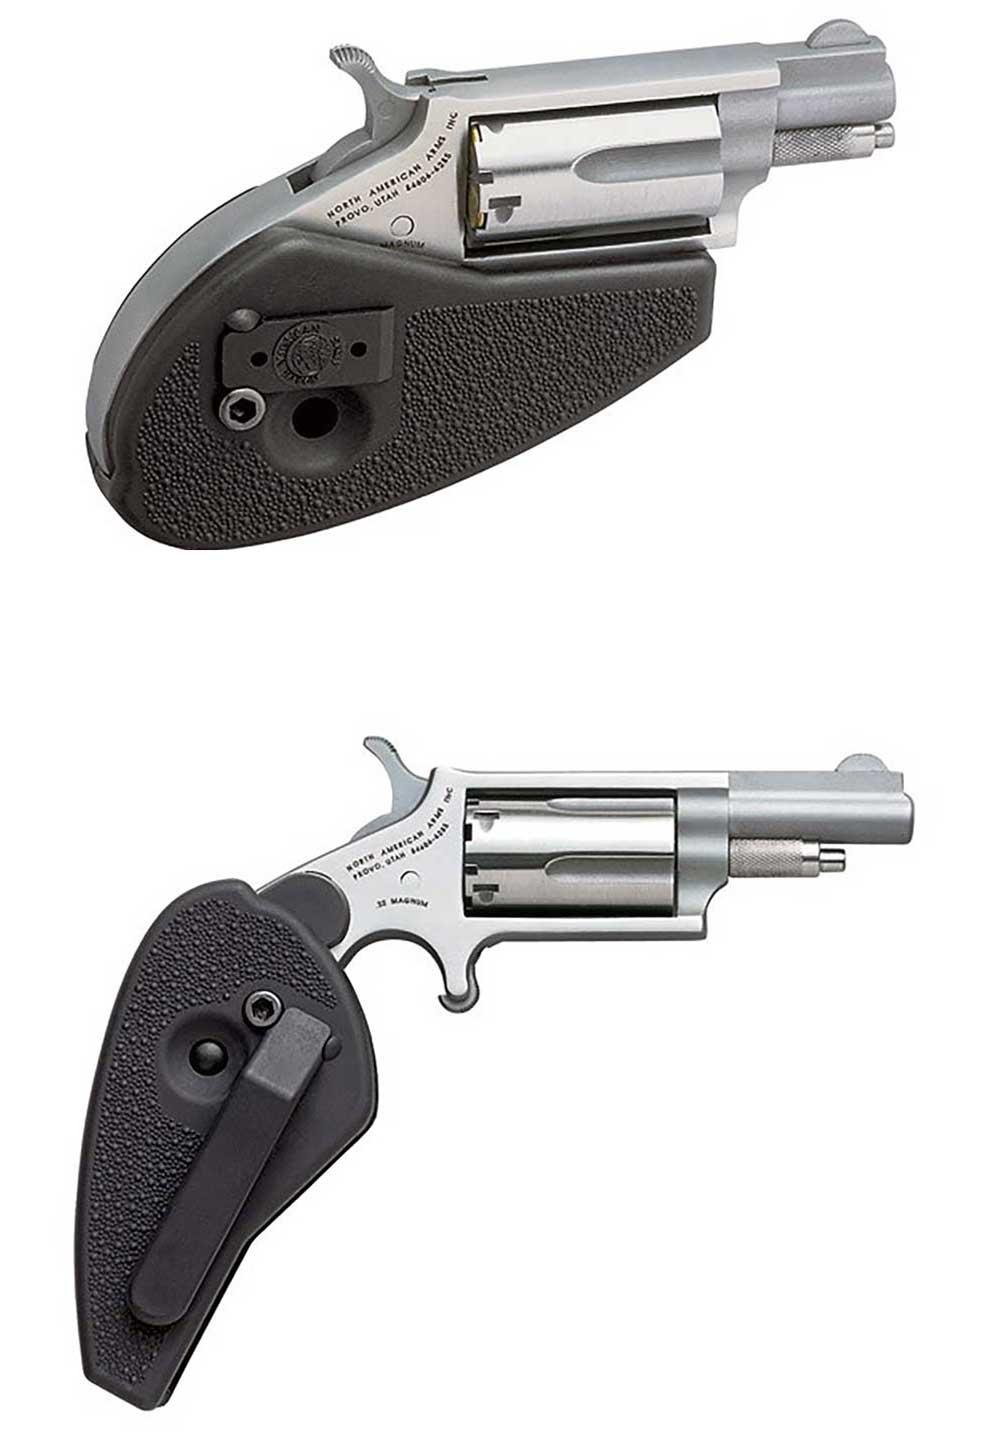 https://www.handgunsmag.com/files/2015/09/NAA-pocket-pistol-meld.jpg